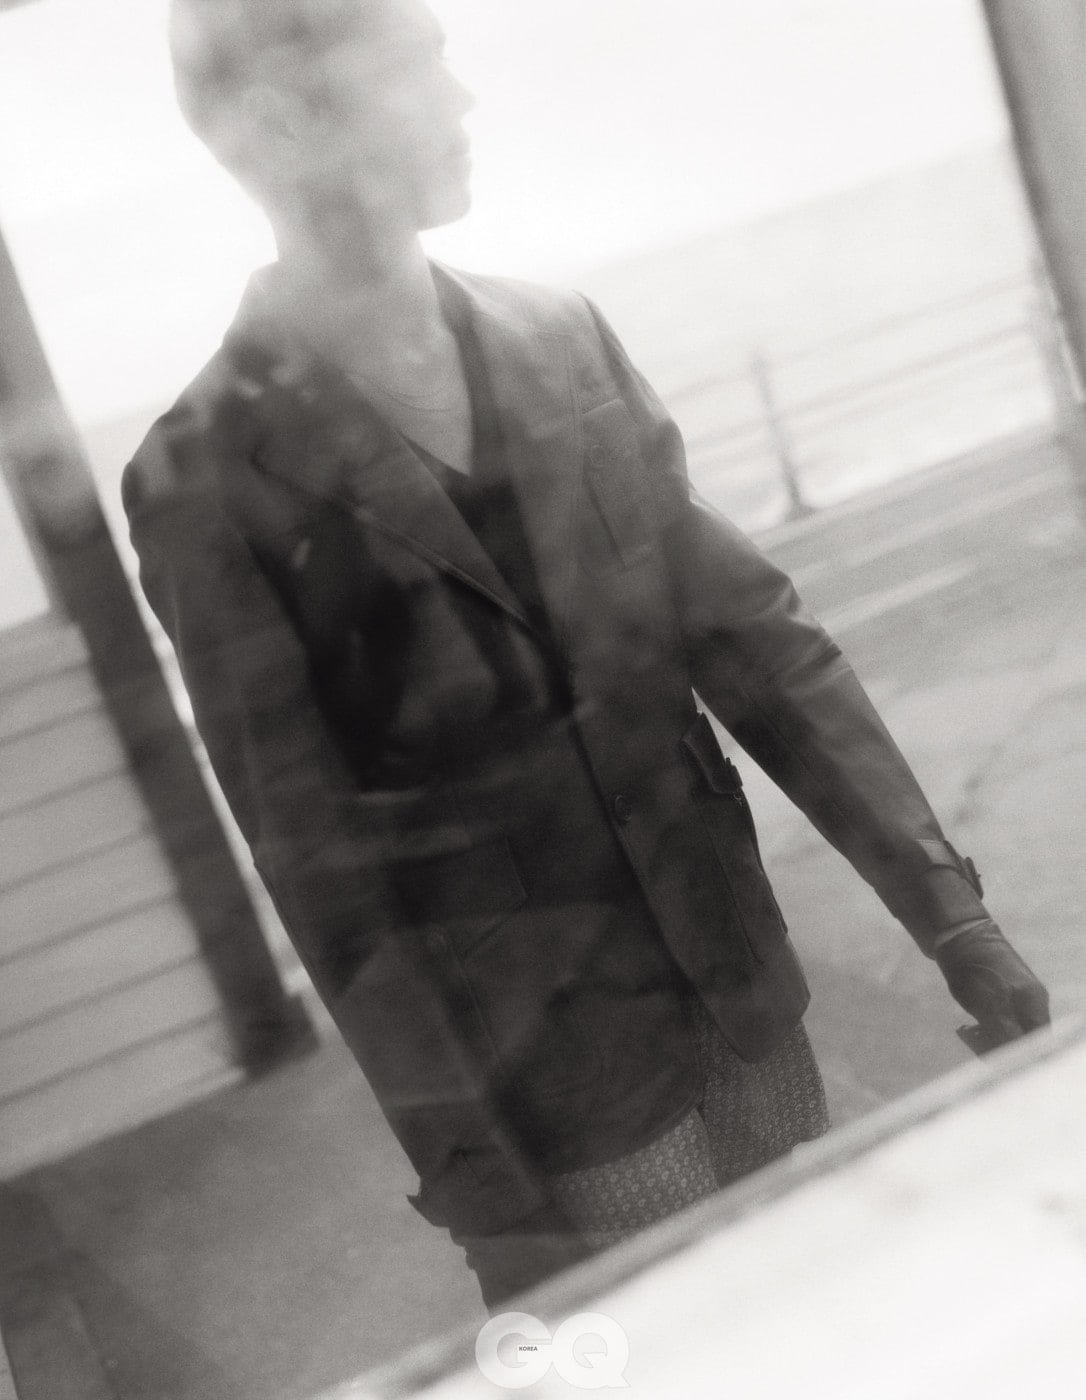 갈색 가죽 재킷과 검정 점퍼, 모두 프라다. 페이즐리 박서, 선스펠. 가죽 장갑, 덴츠.